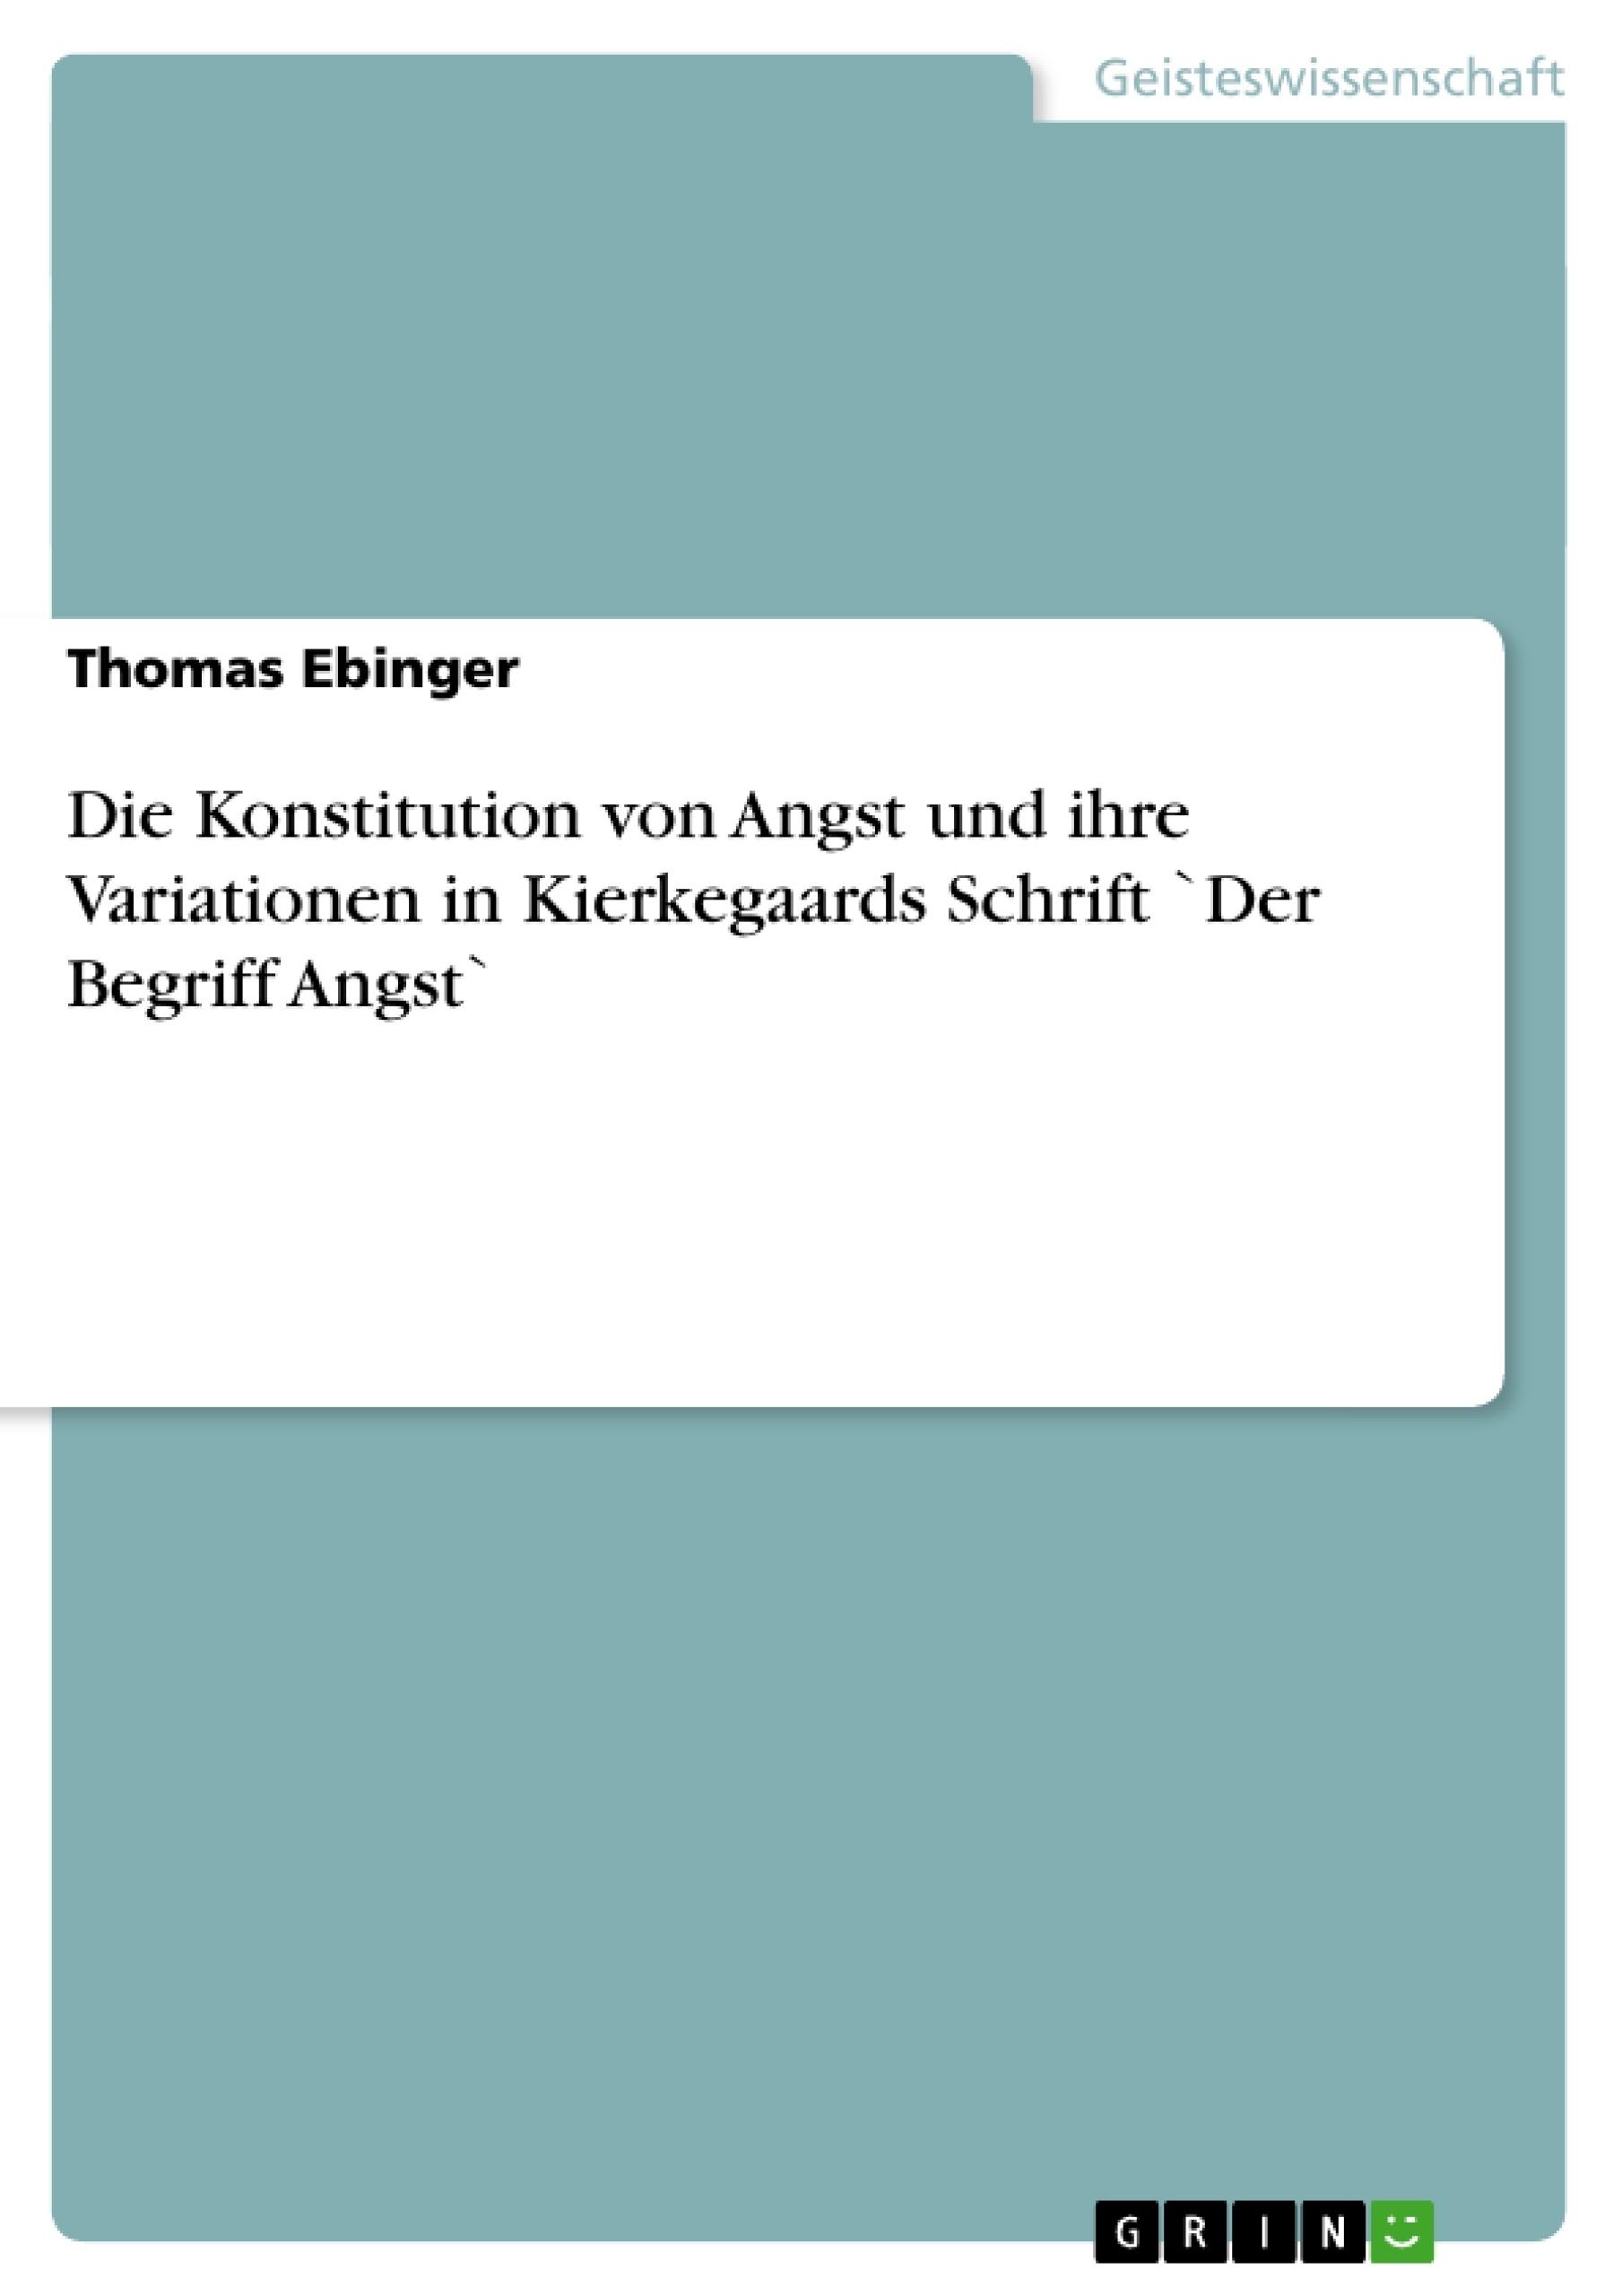 Titel: Die Konstitution von Angst und ihre Variationen in Kierkegaards Schrift `Der Begriff Angst`